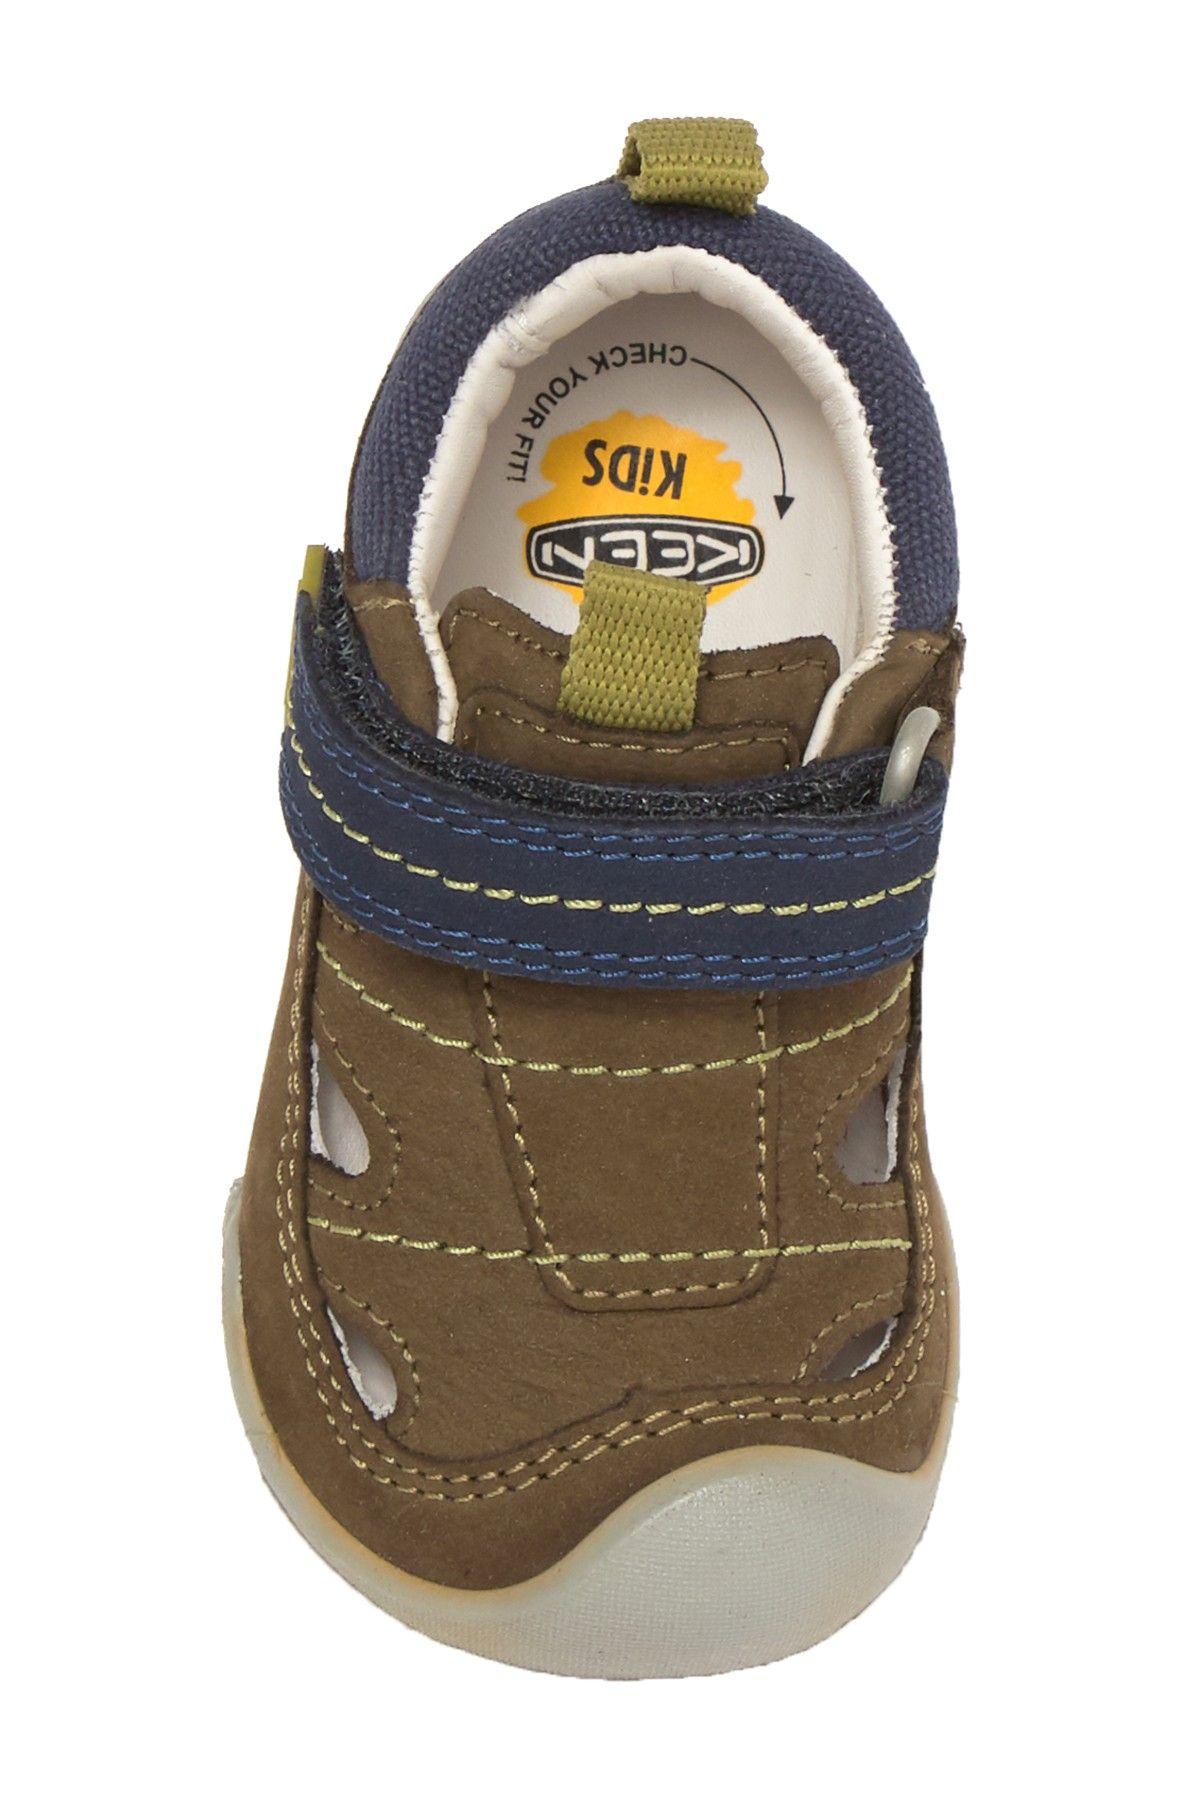 keen sandals baby